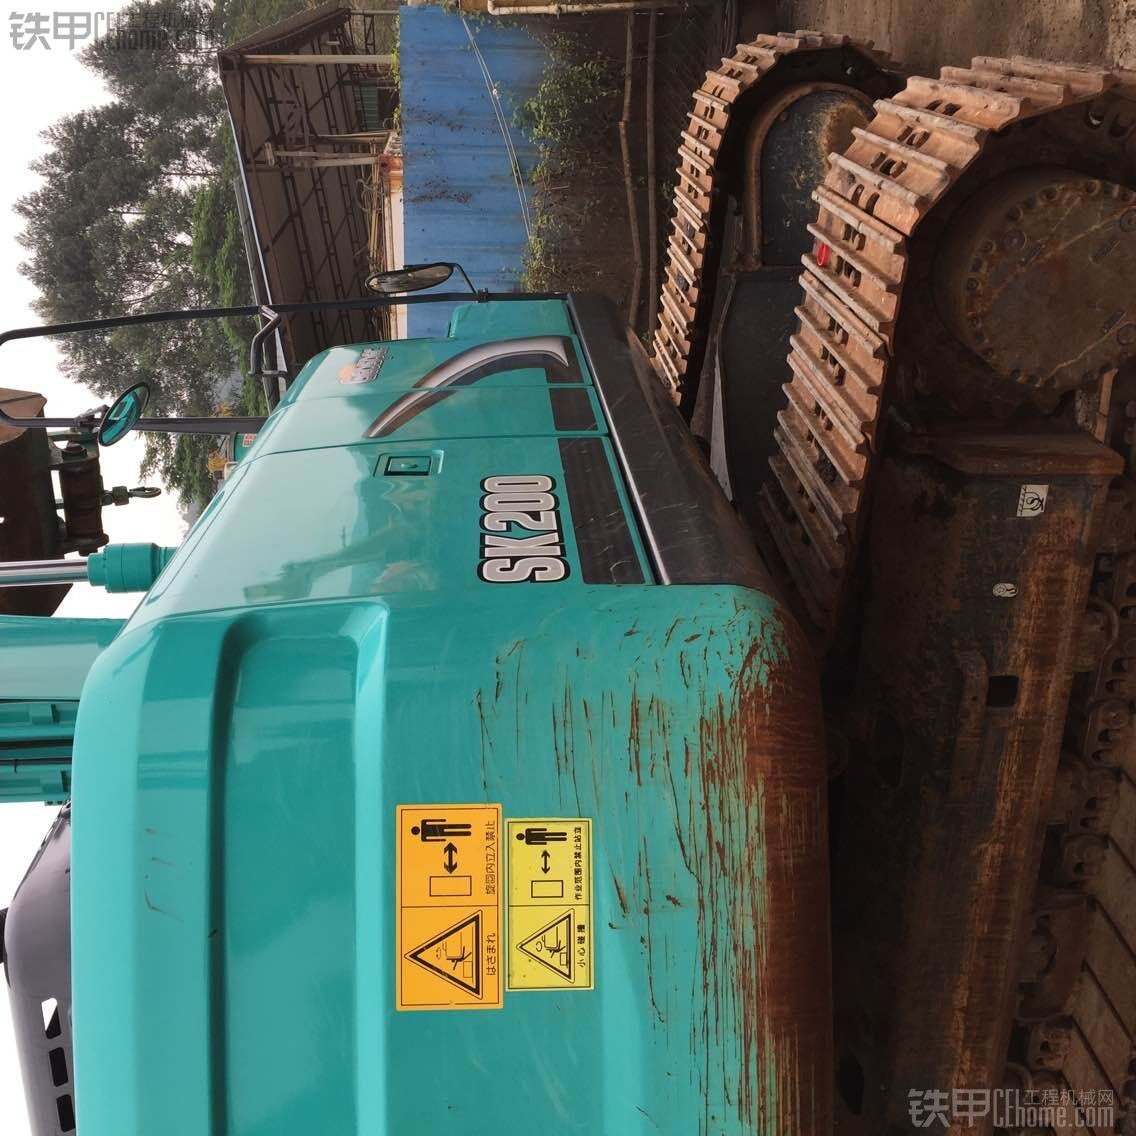 神钢 SK200超8 二手挖掘机价格 73万 2200小时